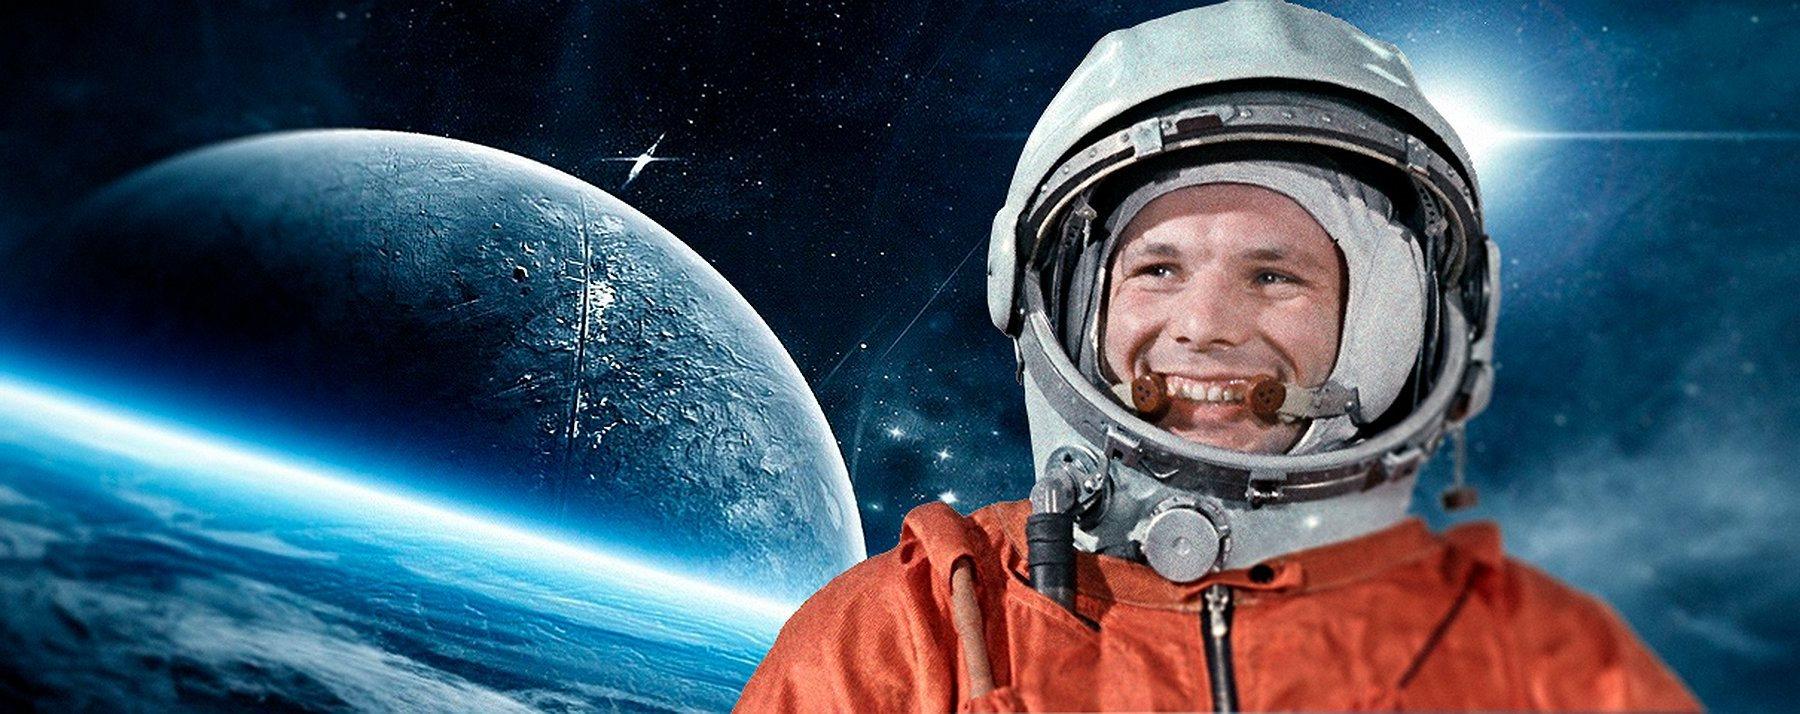 фотографии первого человека в космосе планеты, значительно